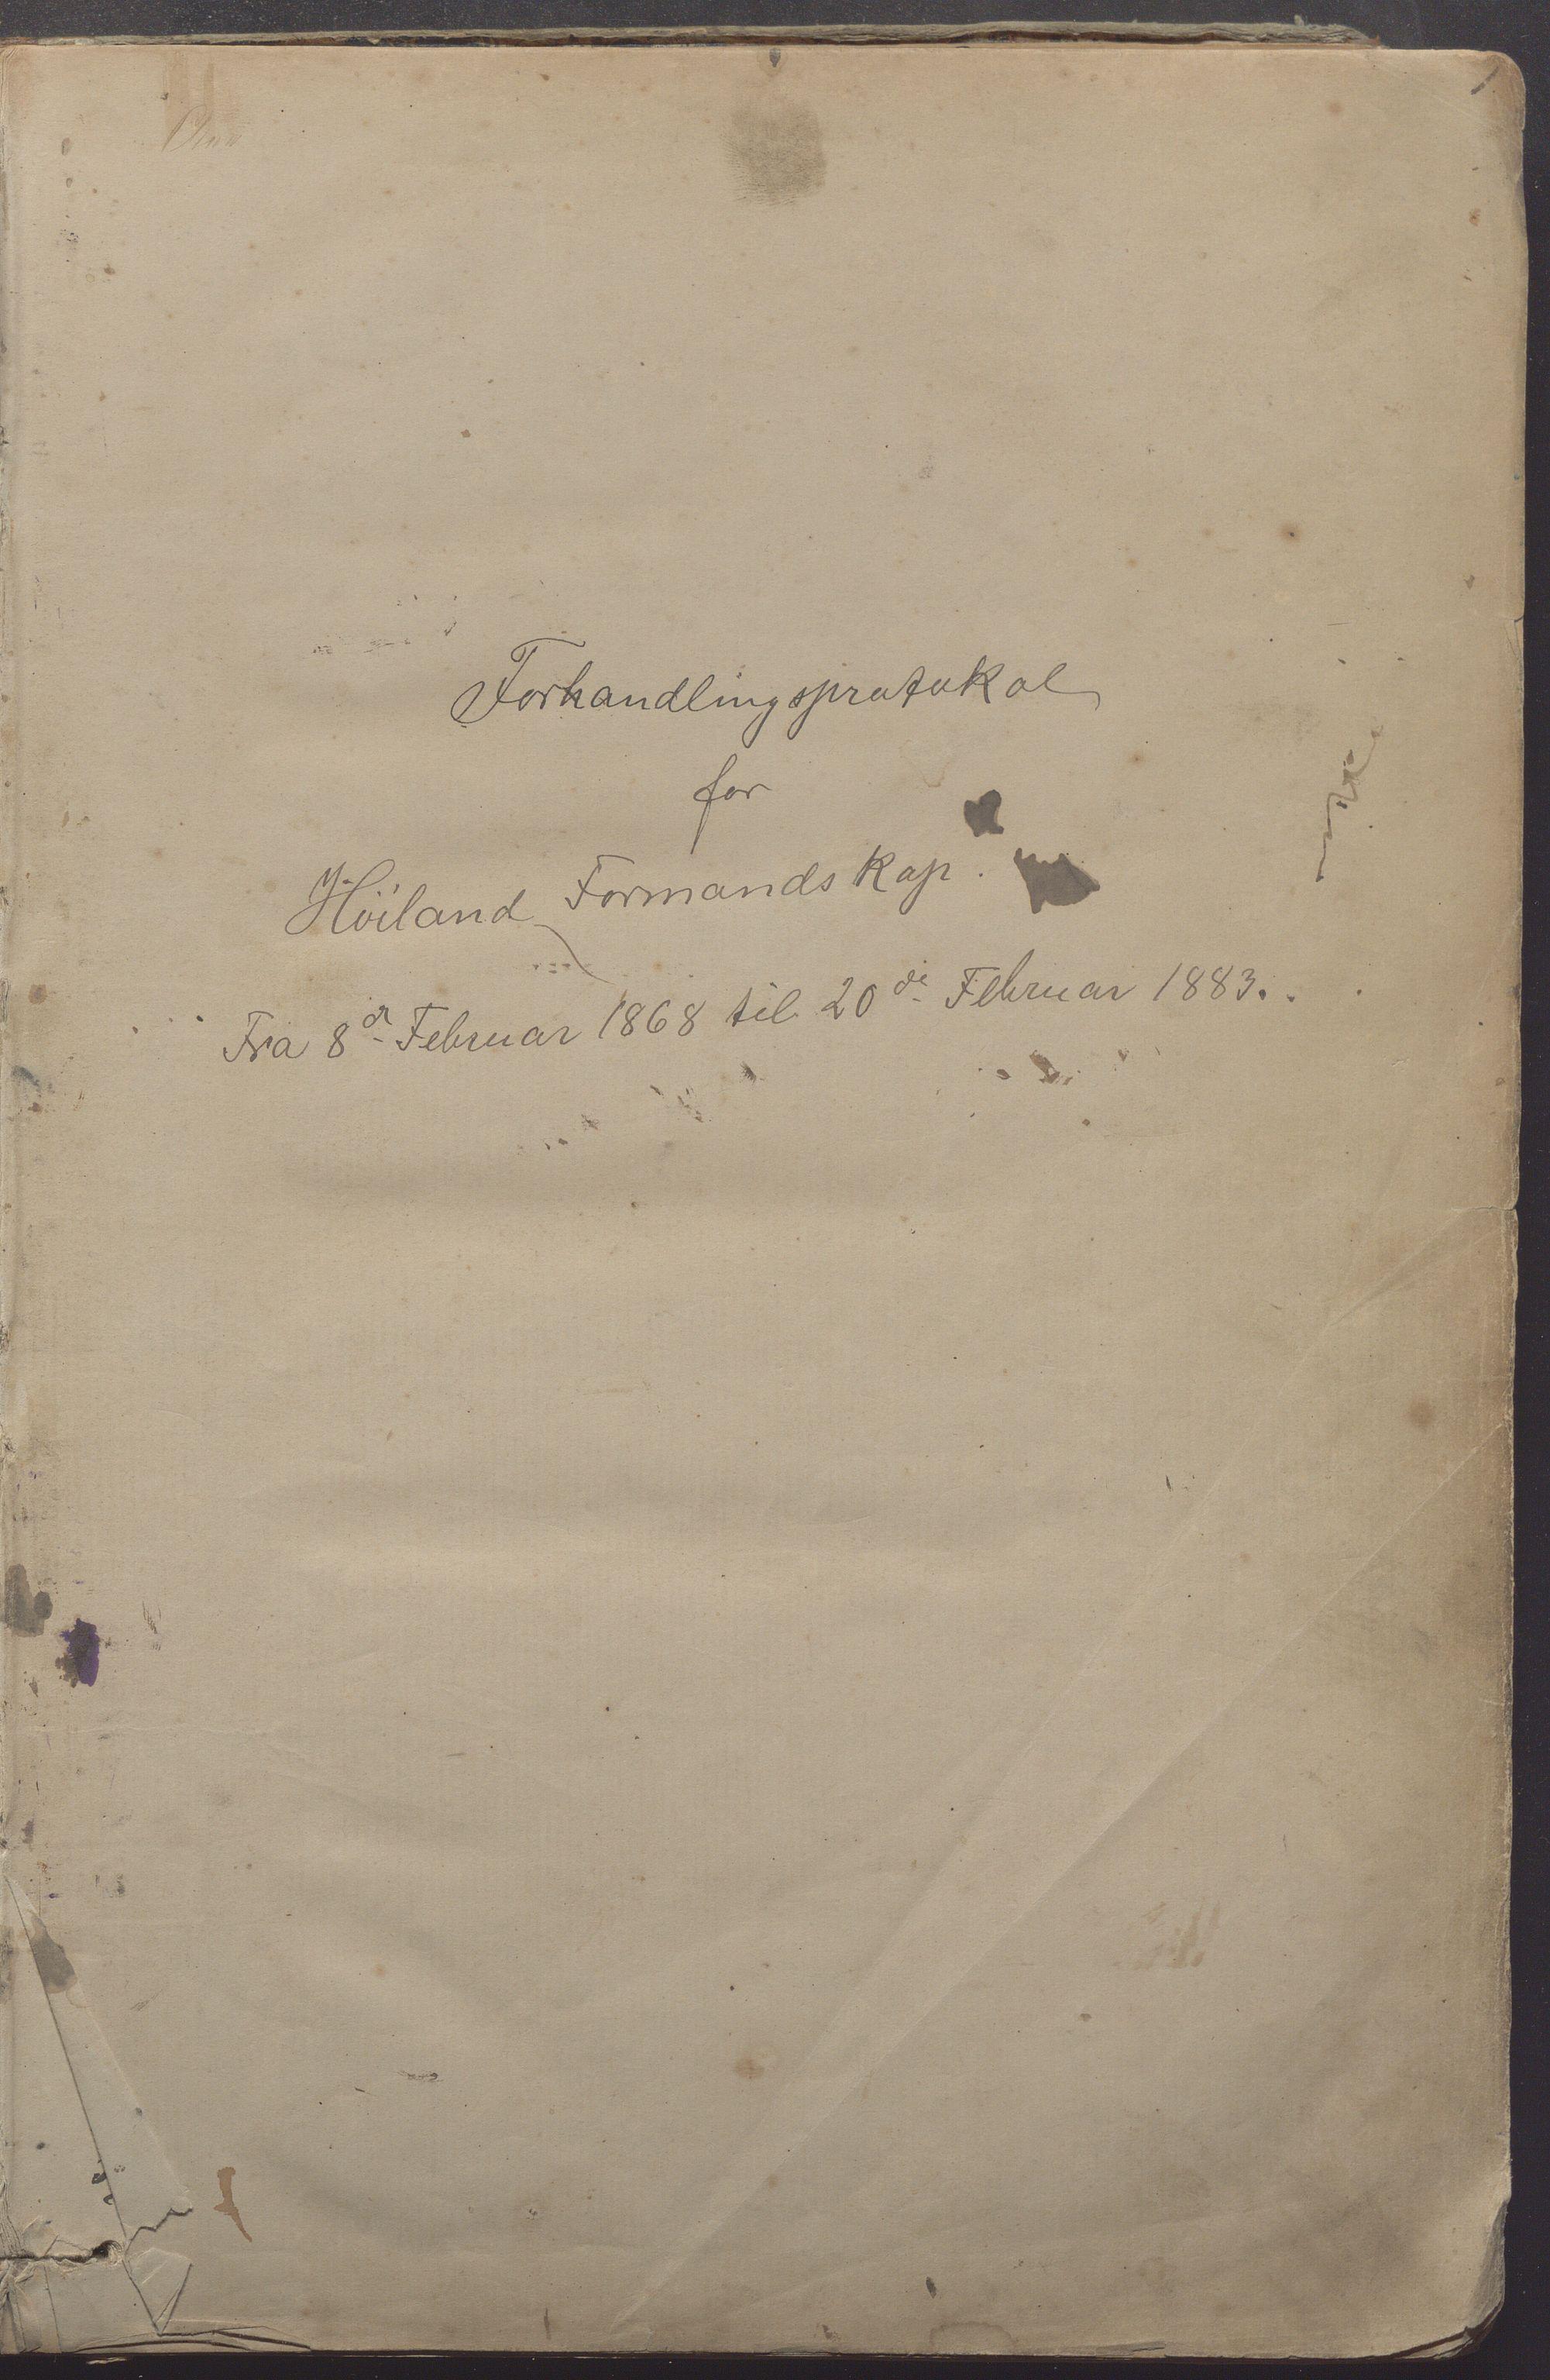 IKAR, Høyland kommune - Formannskapet, Aa/L0002: Møtebok, 1868-1883